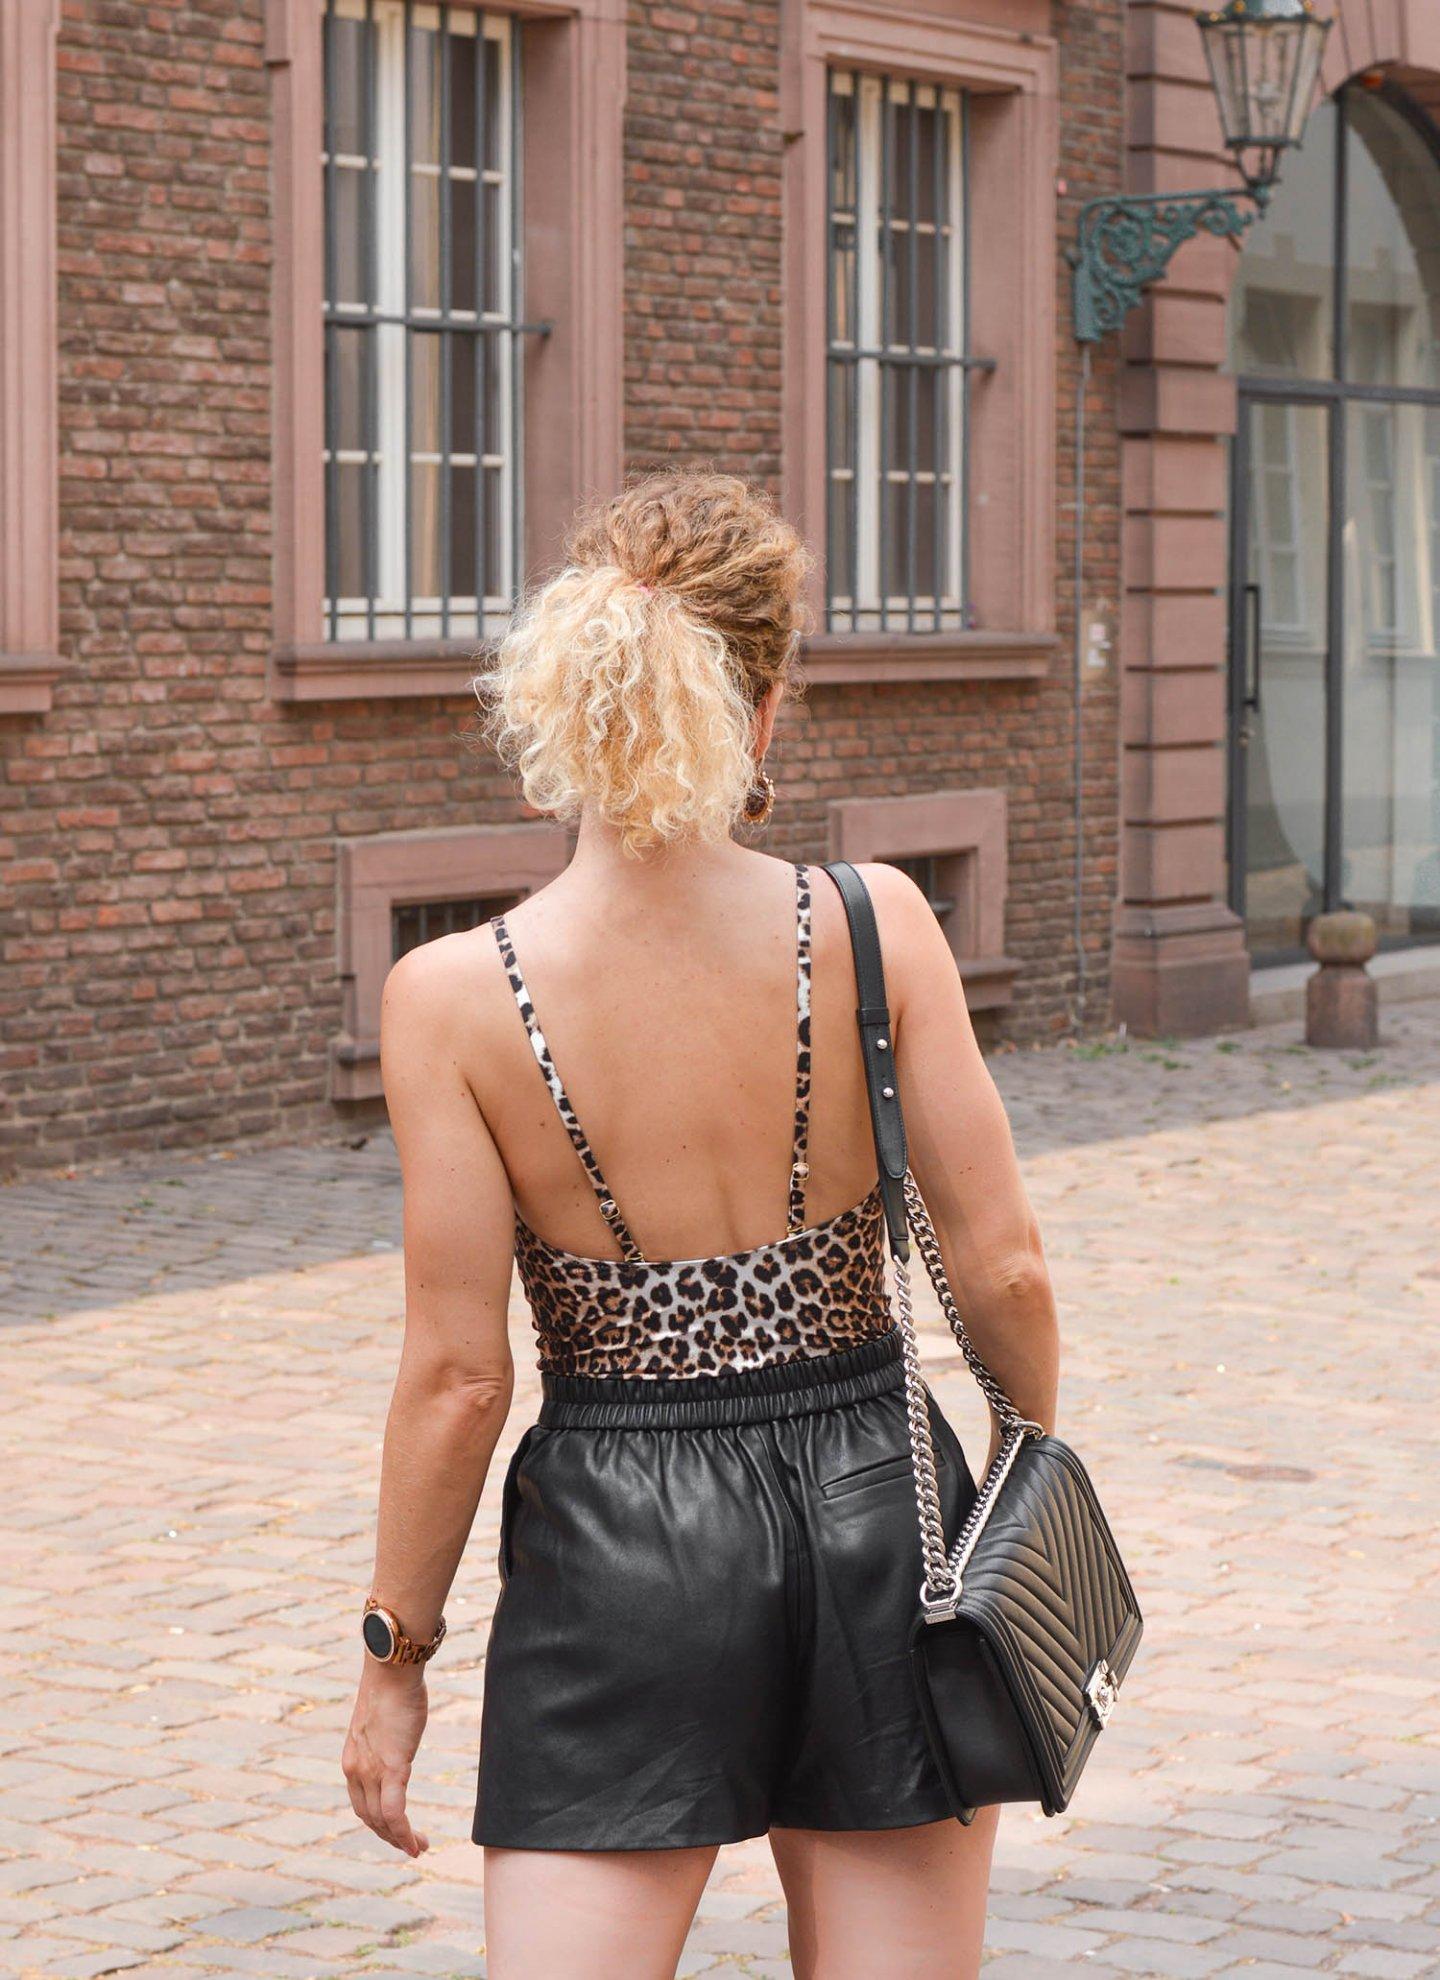 Leo-Badeanzug, Ledershorts und Chanel Boy Bag